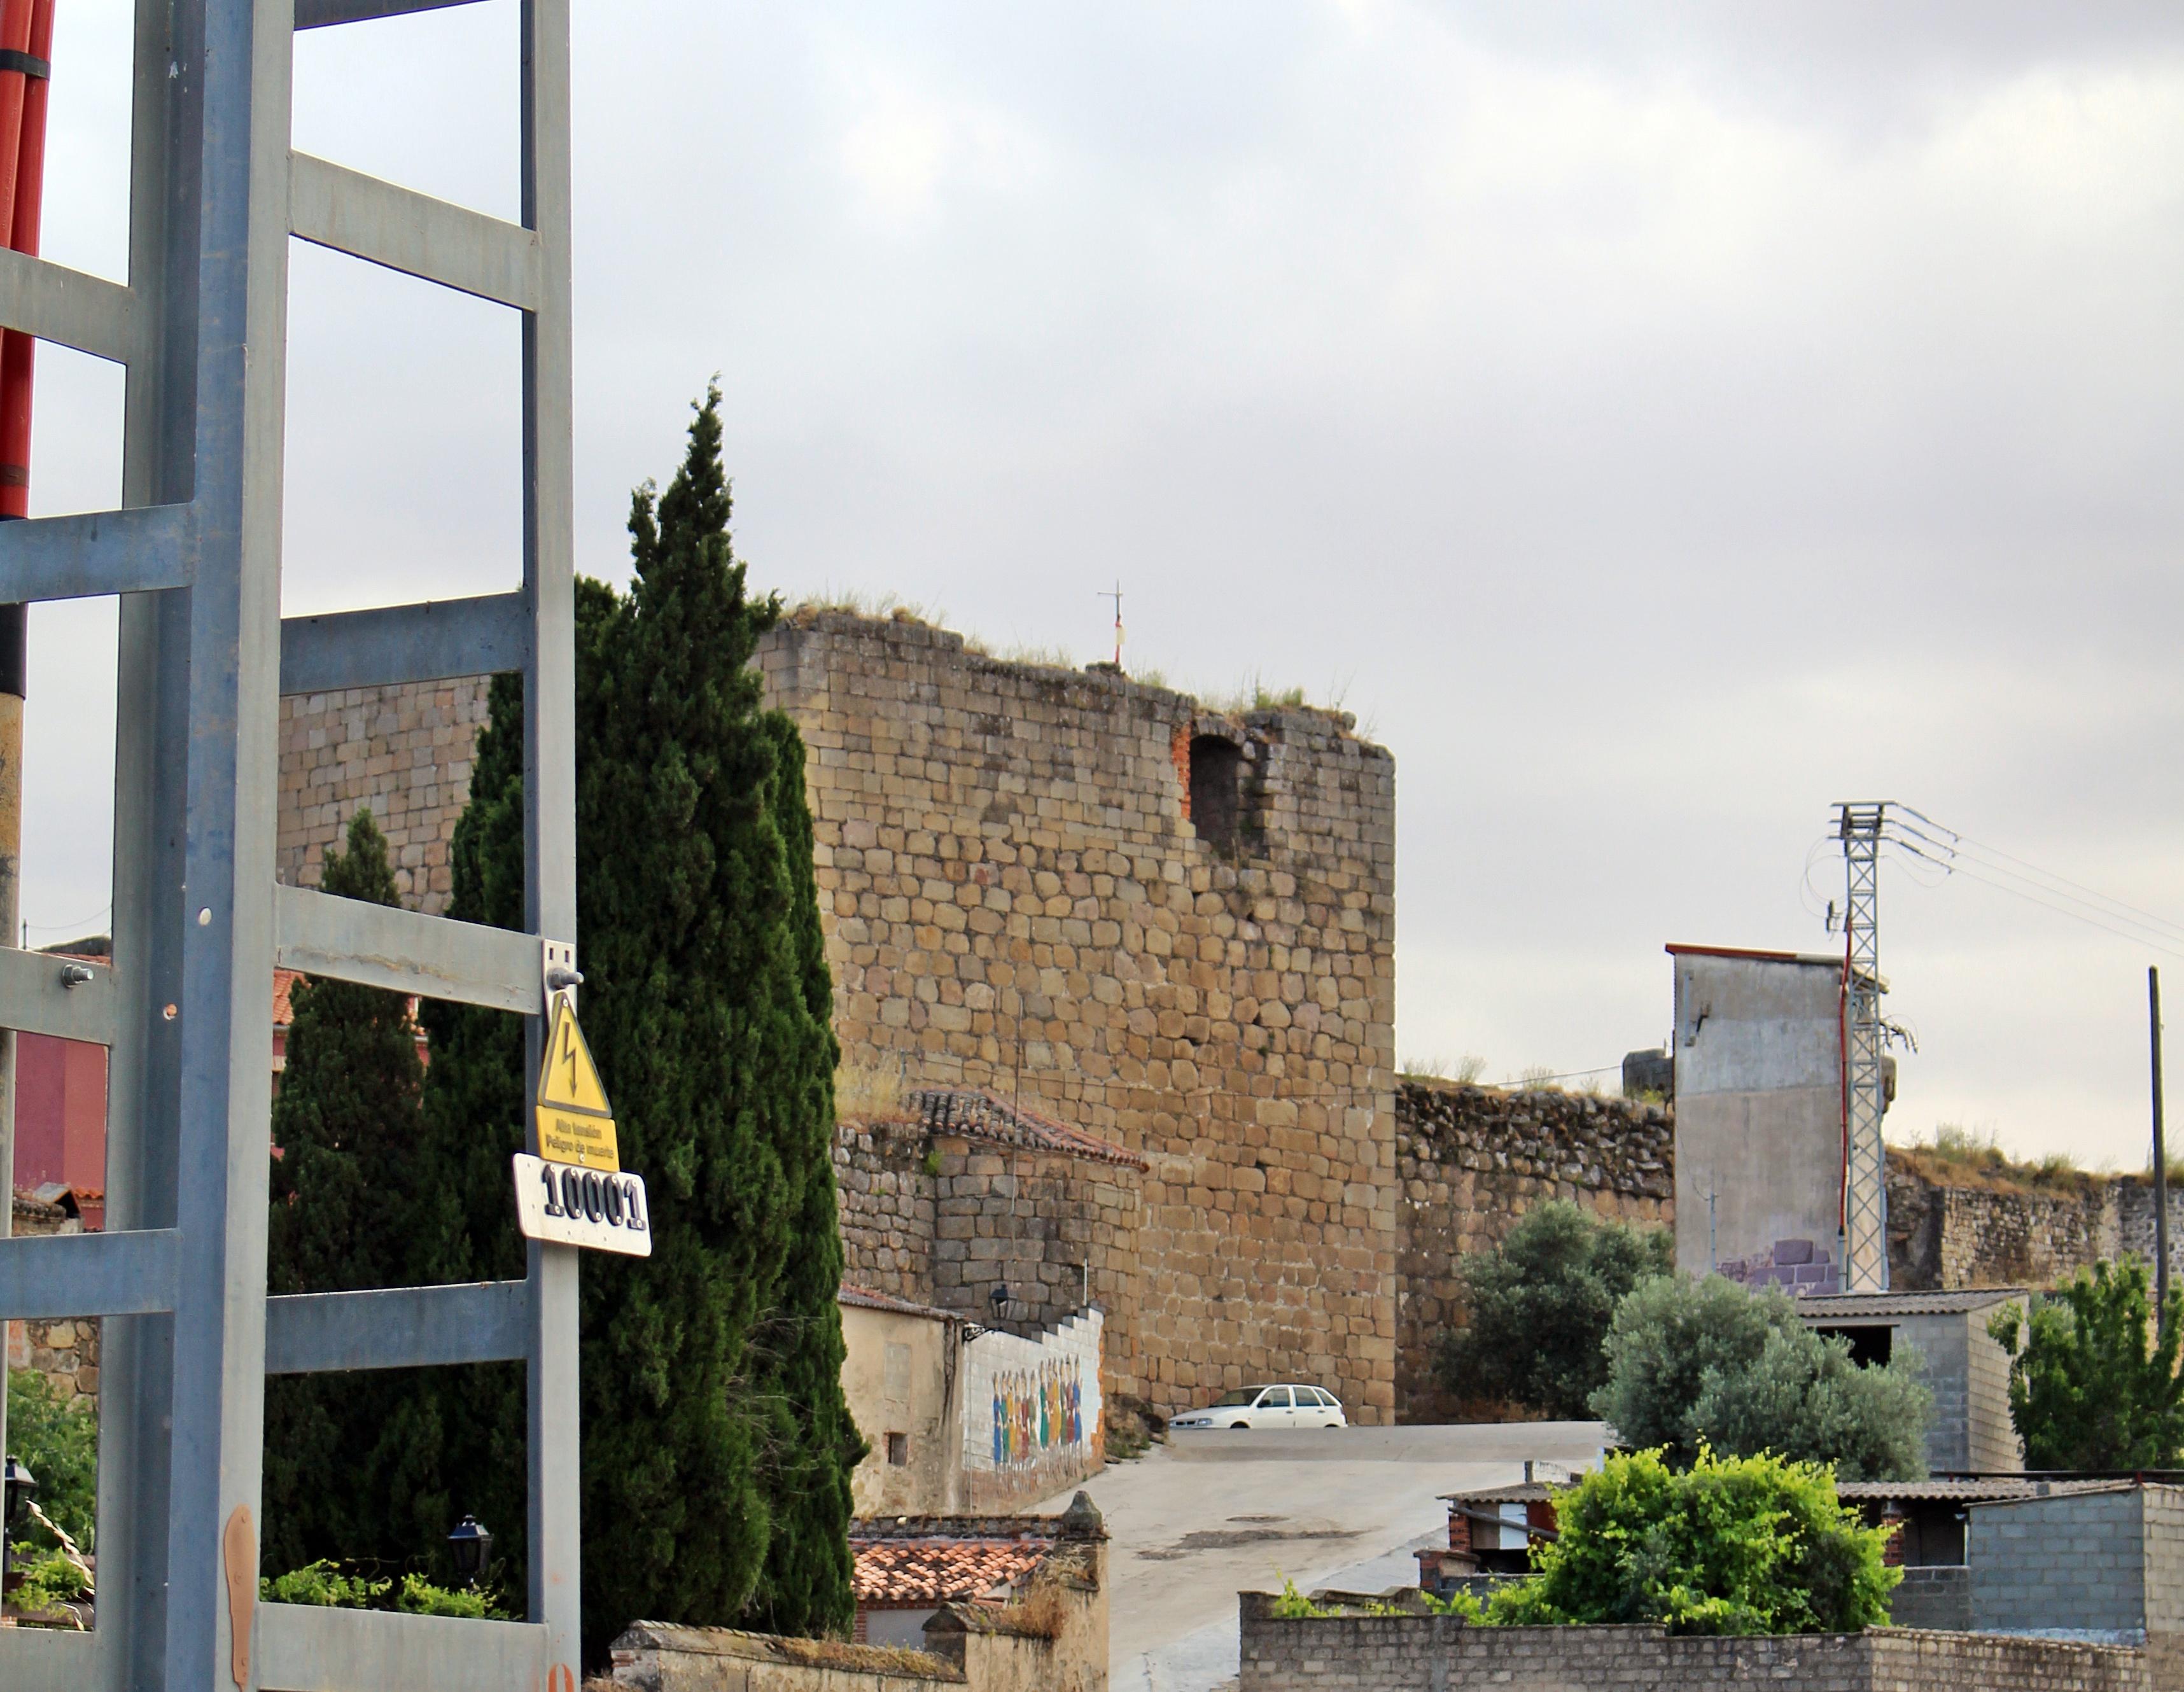 Torres metálicas, trasformadores y cables adornando el castillo medieval de Oropesa